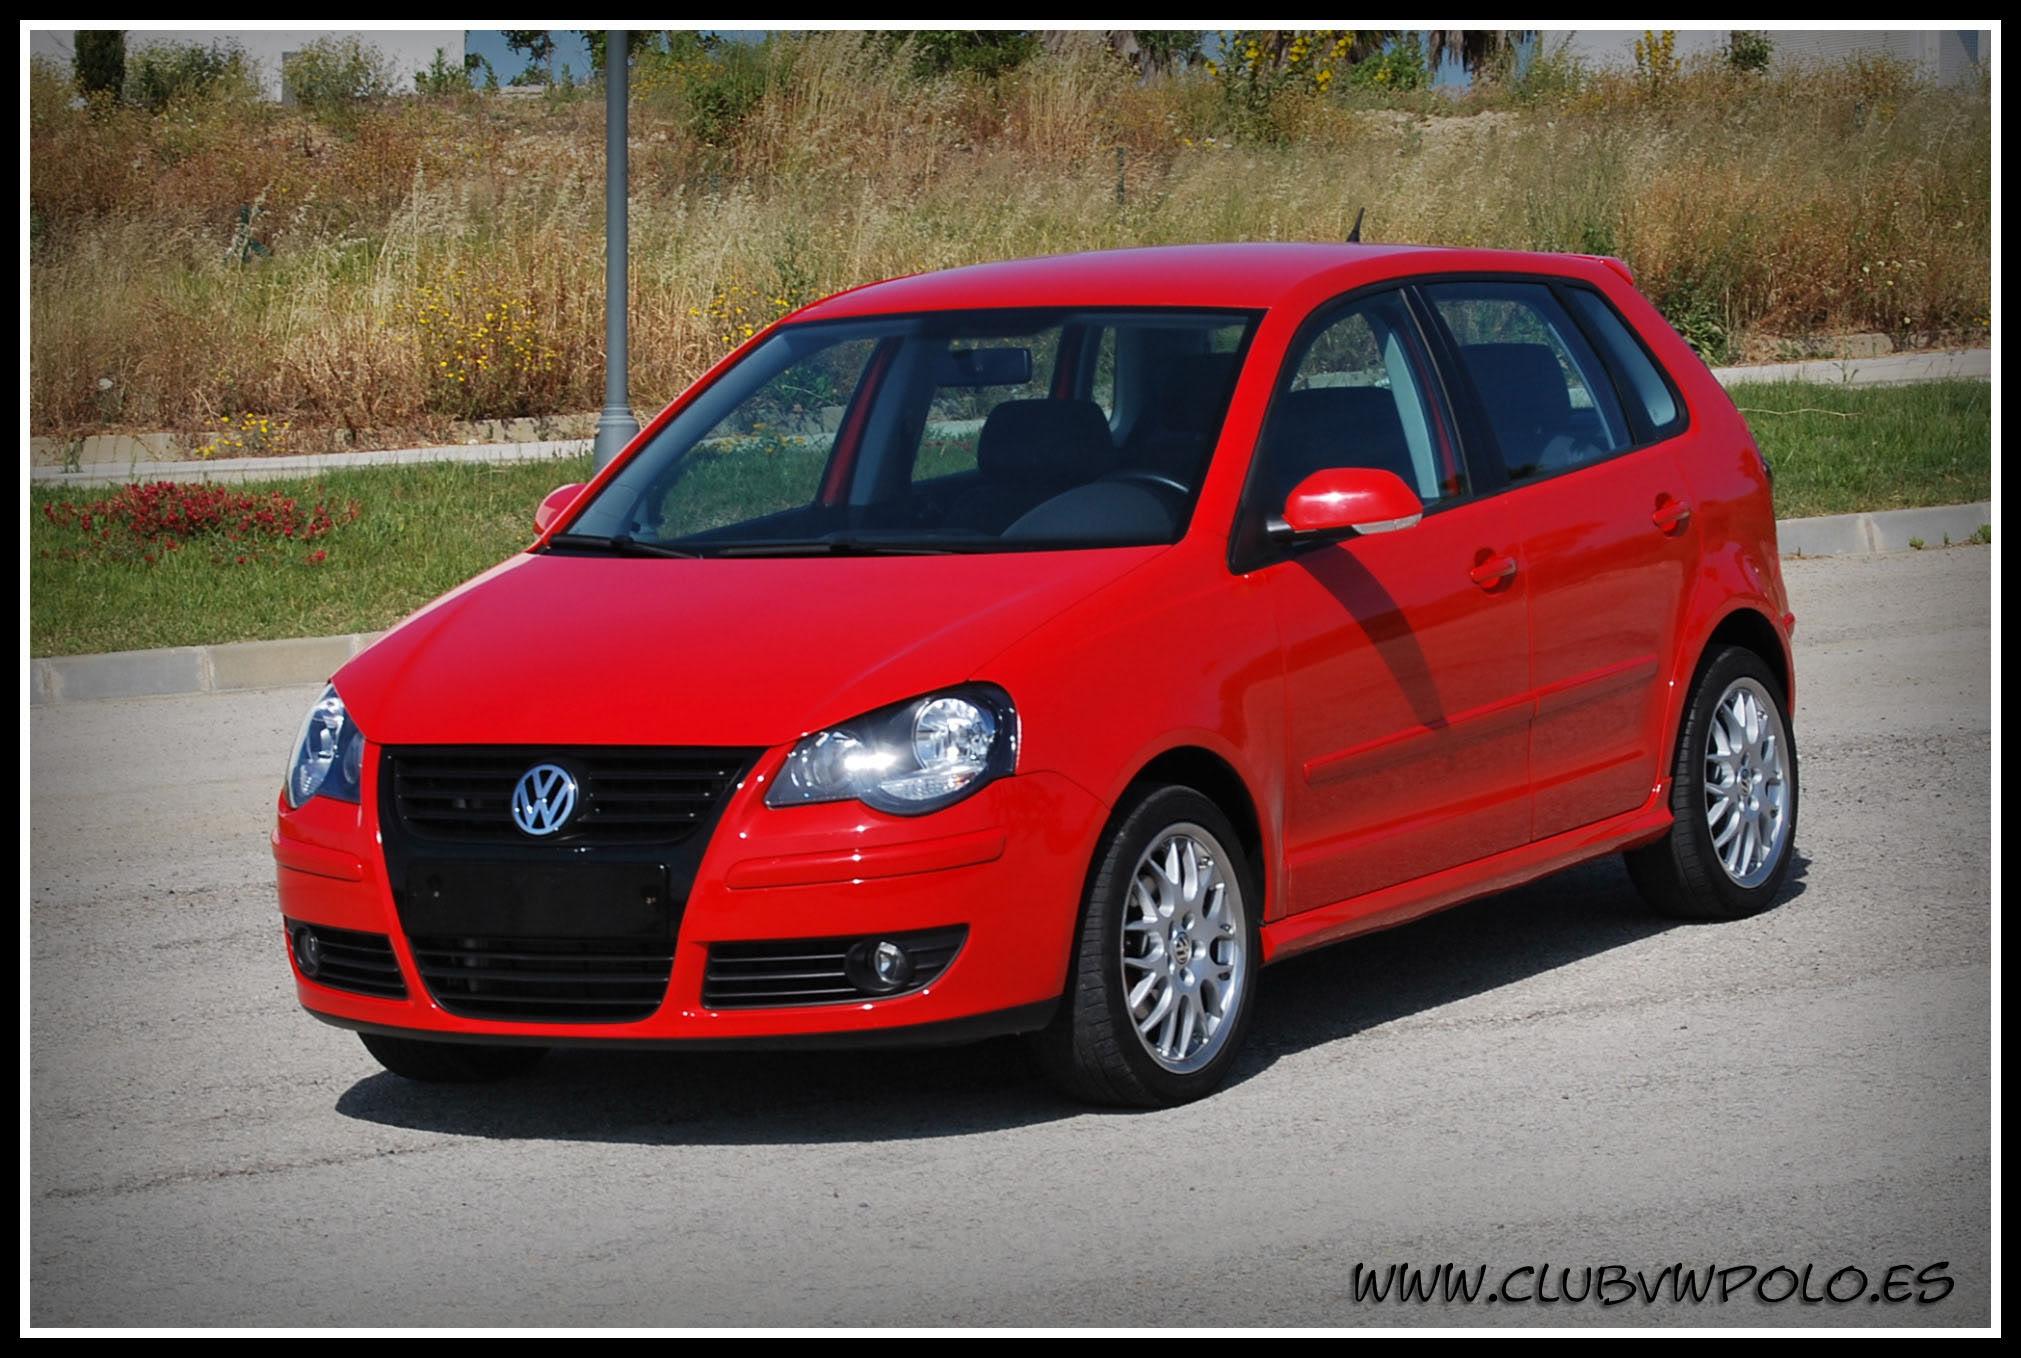 VW Polo y VW Golf Cabriolet Karmann --- =Ragar= DSC_26971